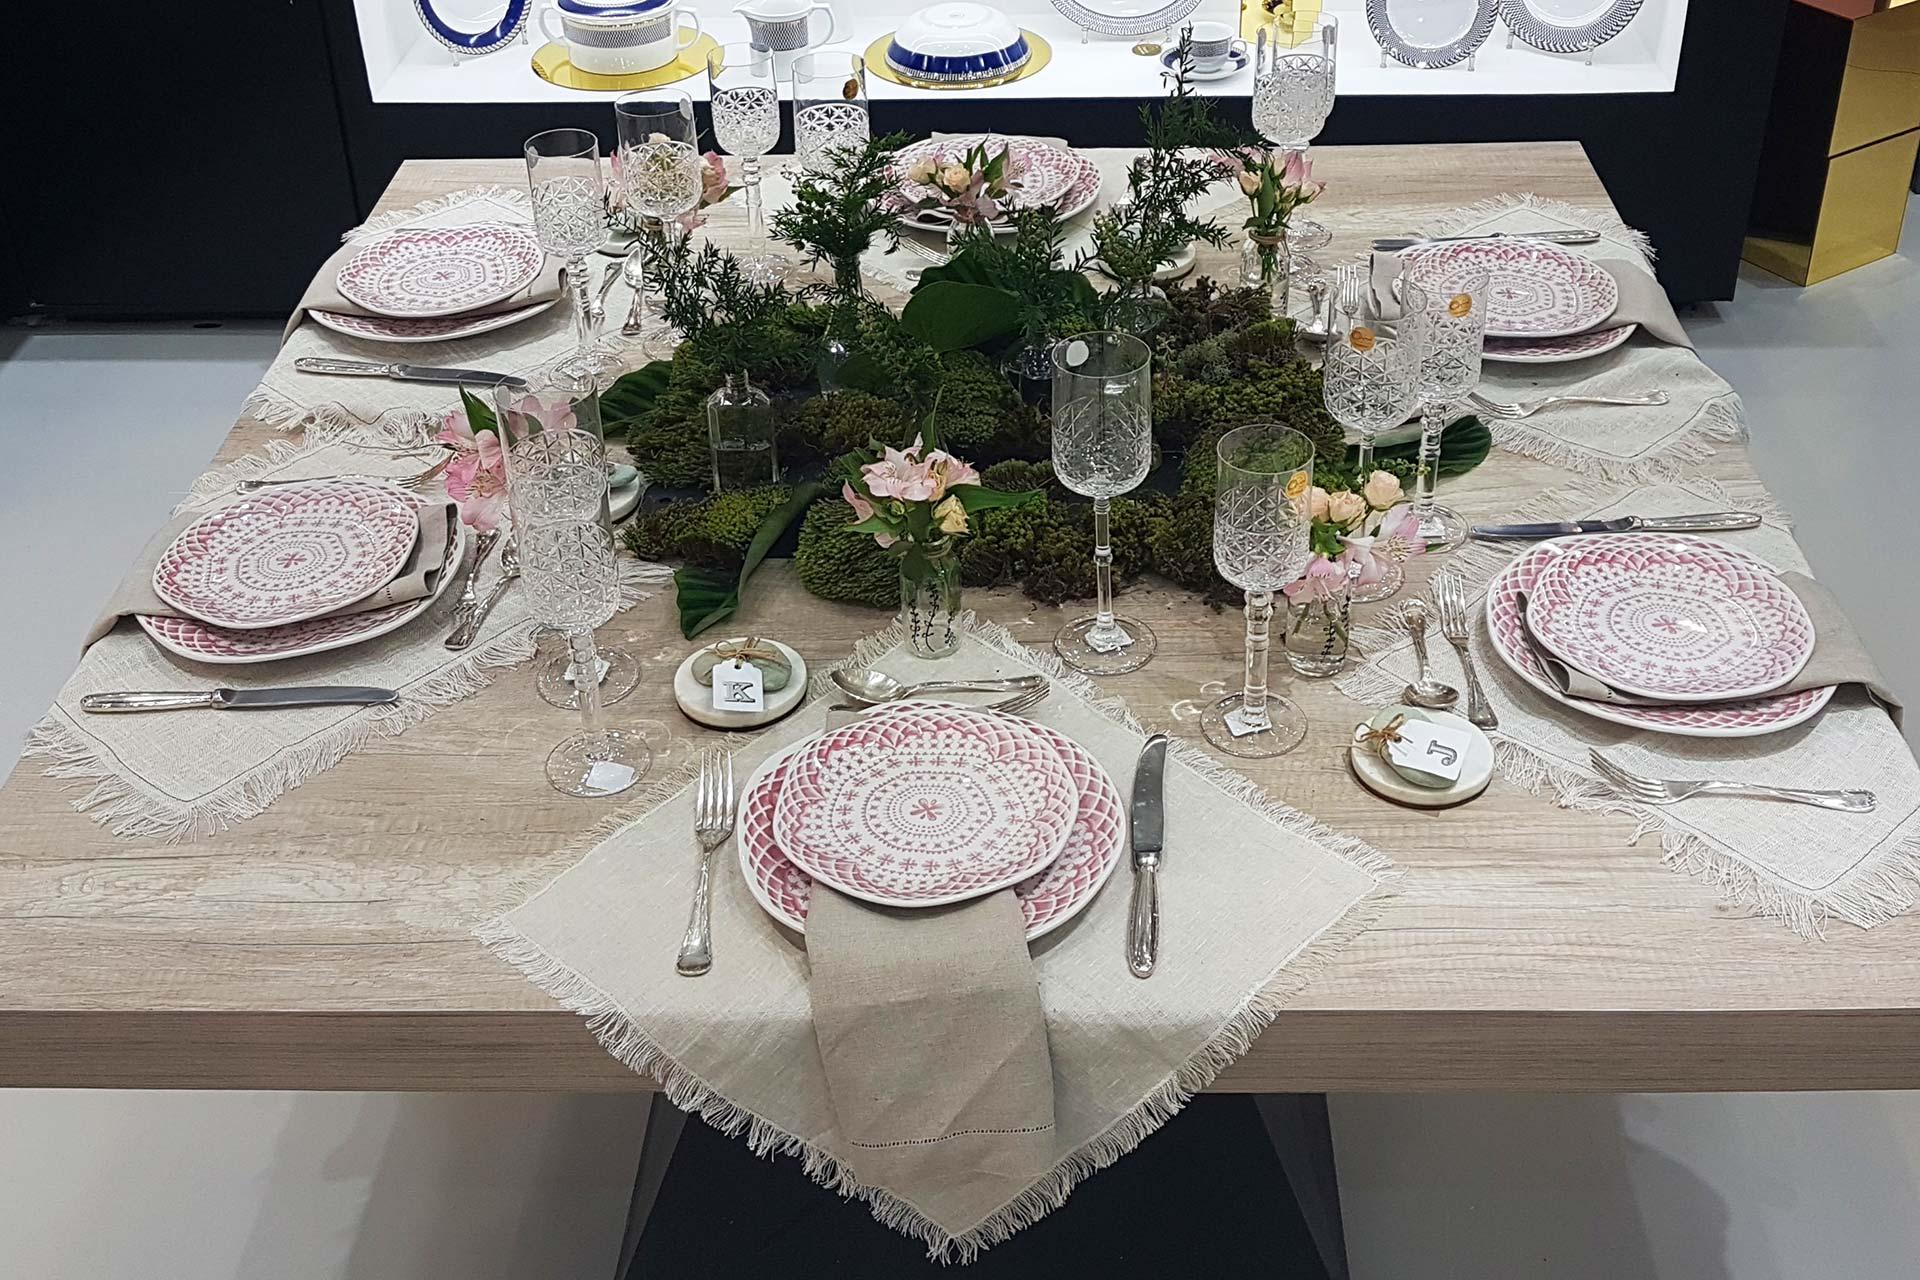 Imagem: Mesa feita pela Claudia Pixu no estande da Oxford na feira Home & Gift Abup. Ela usou tábuas de ardósia para compor o arranjo. A louça é a Ryo Paris, lançamento da linha Oxford Porcelanas.